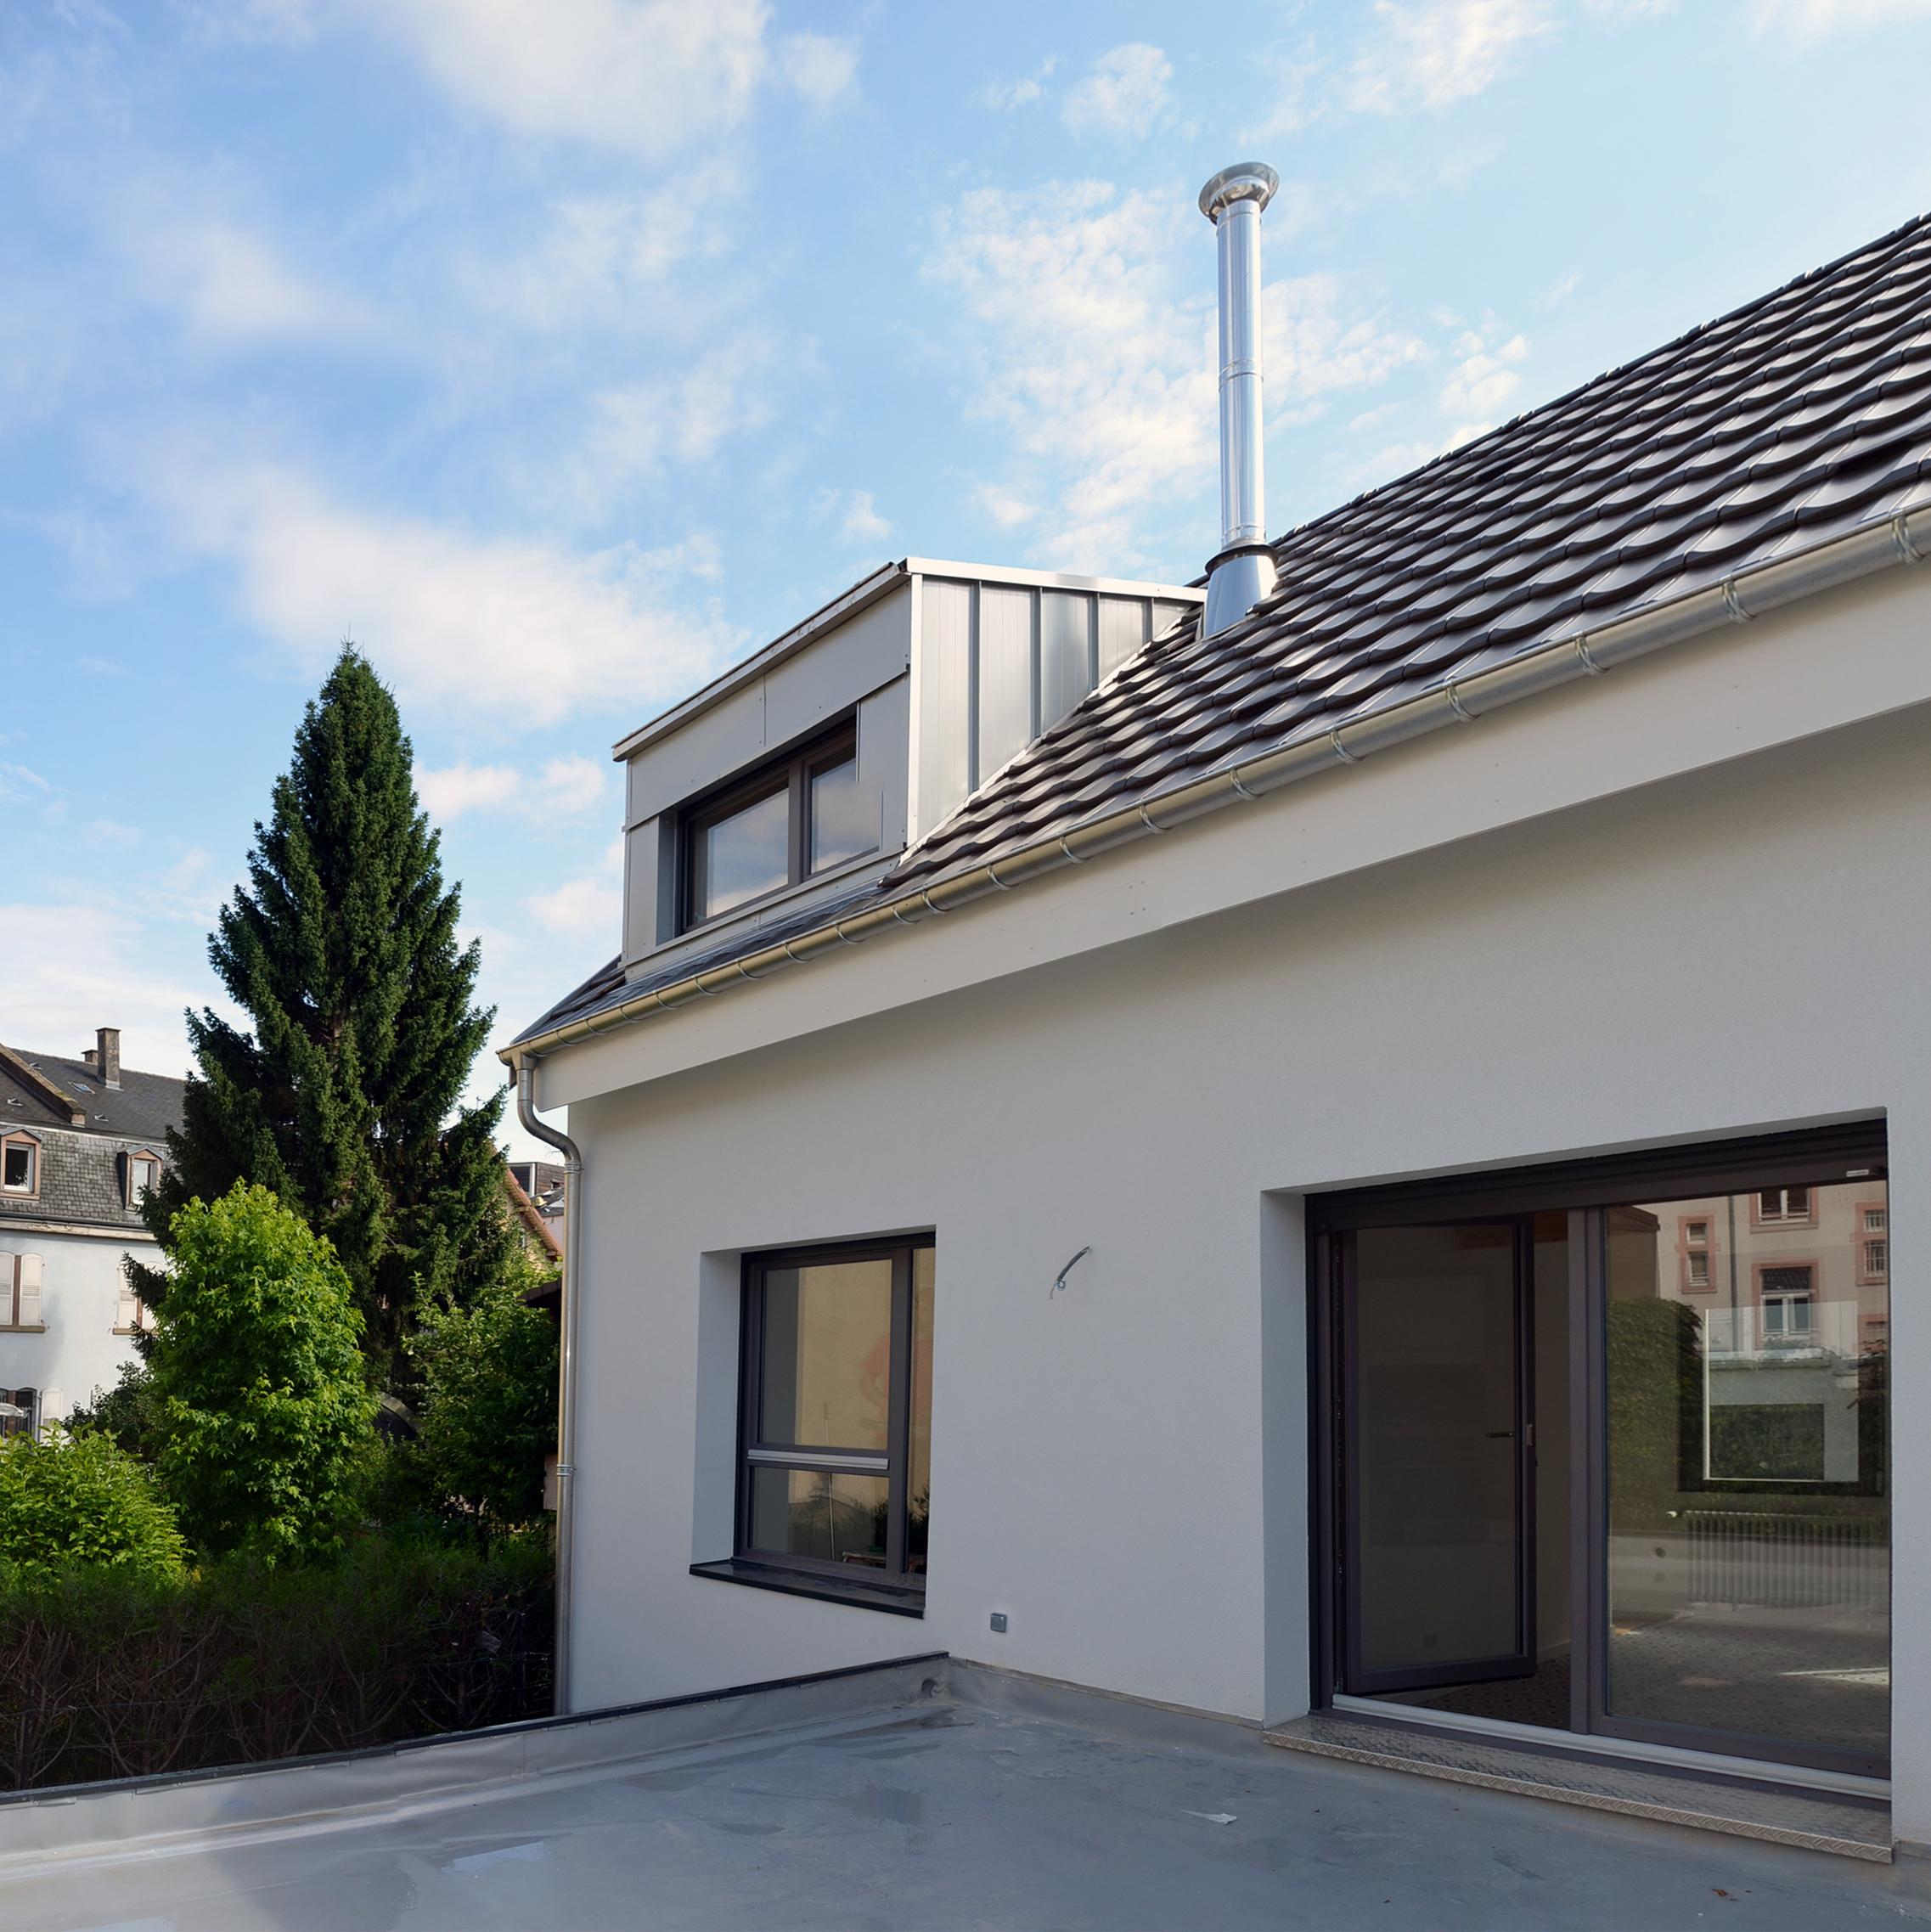 Cout maison architecte latest cout maison architecte with for Cout construction maison architecte